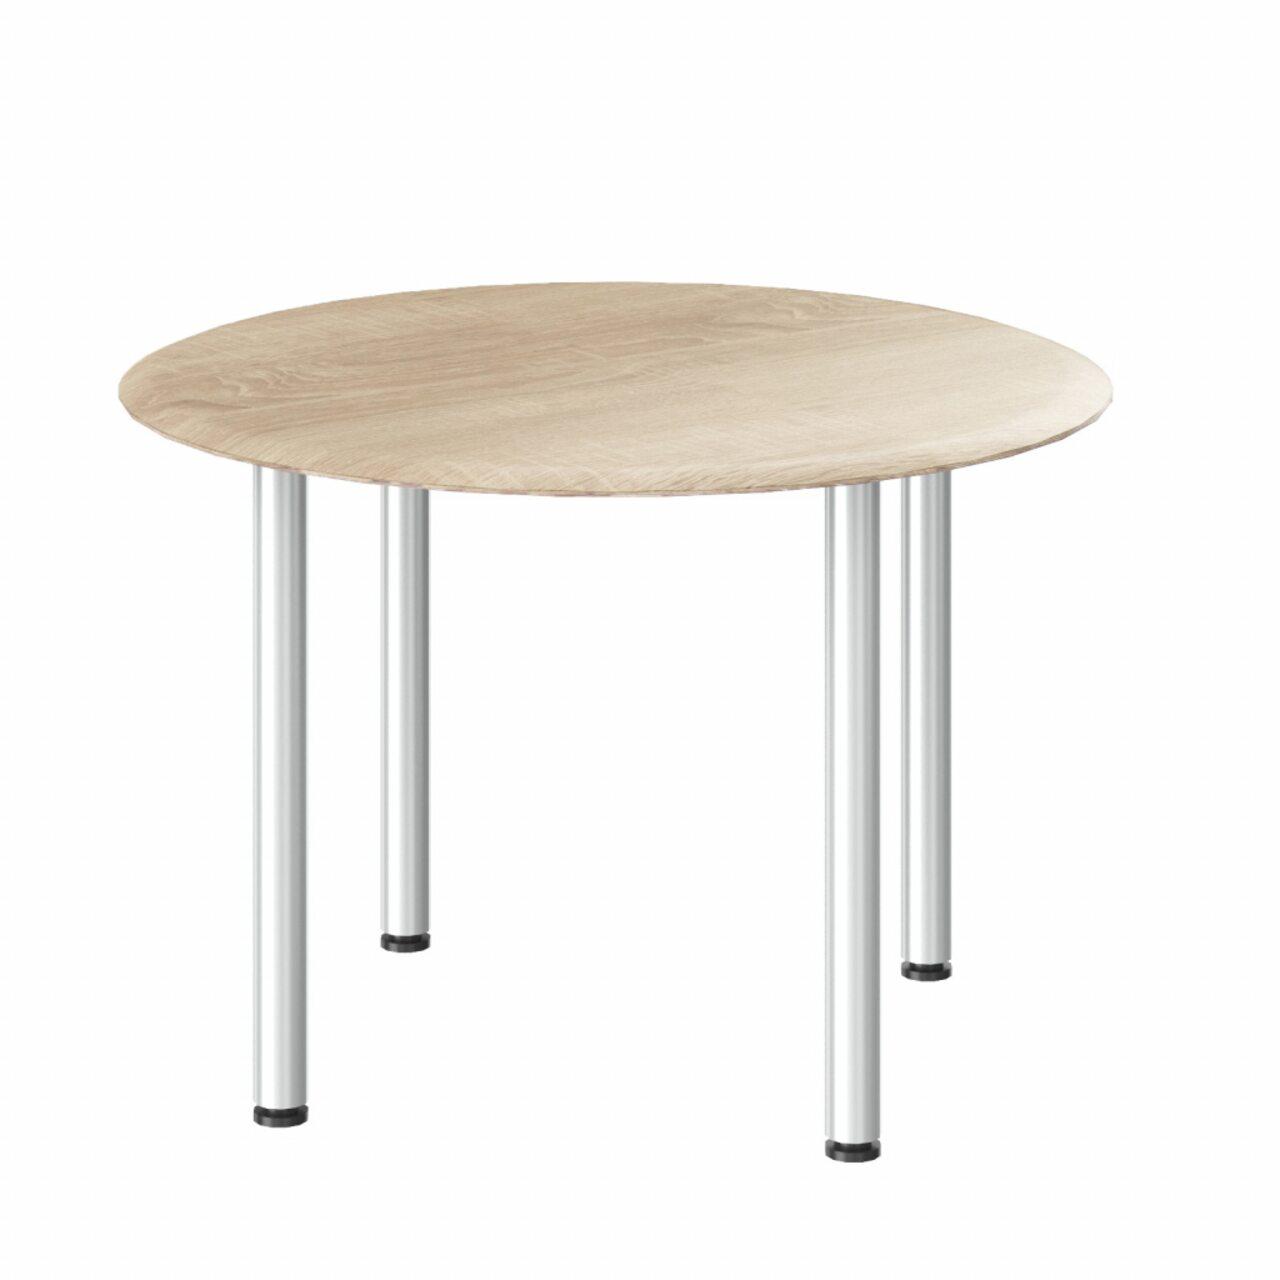 Конференц-стол WAVE 110x110x75 - фото 3